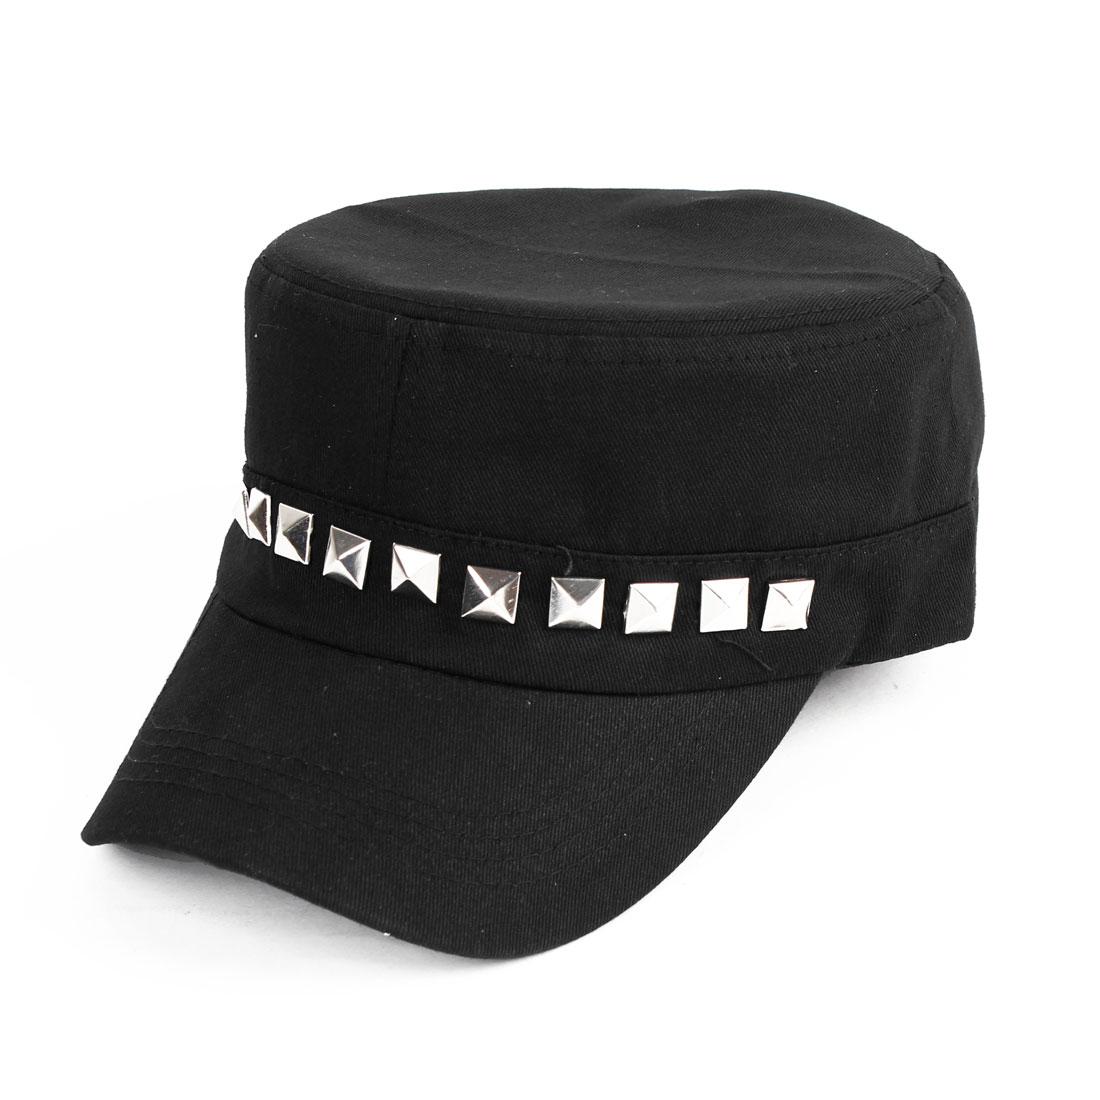 Unisex Rivet Decor Sun Visor Design Denim Baseball Cap Hat Black